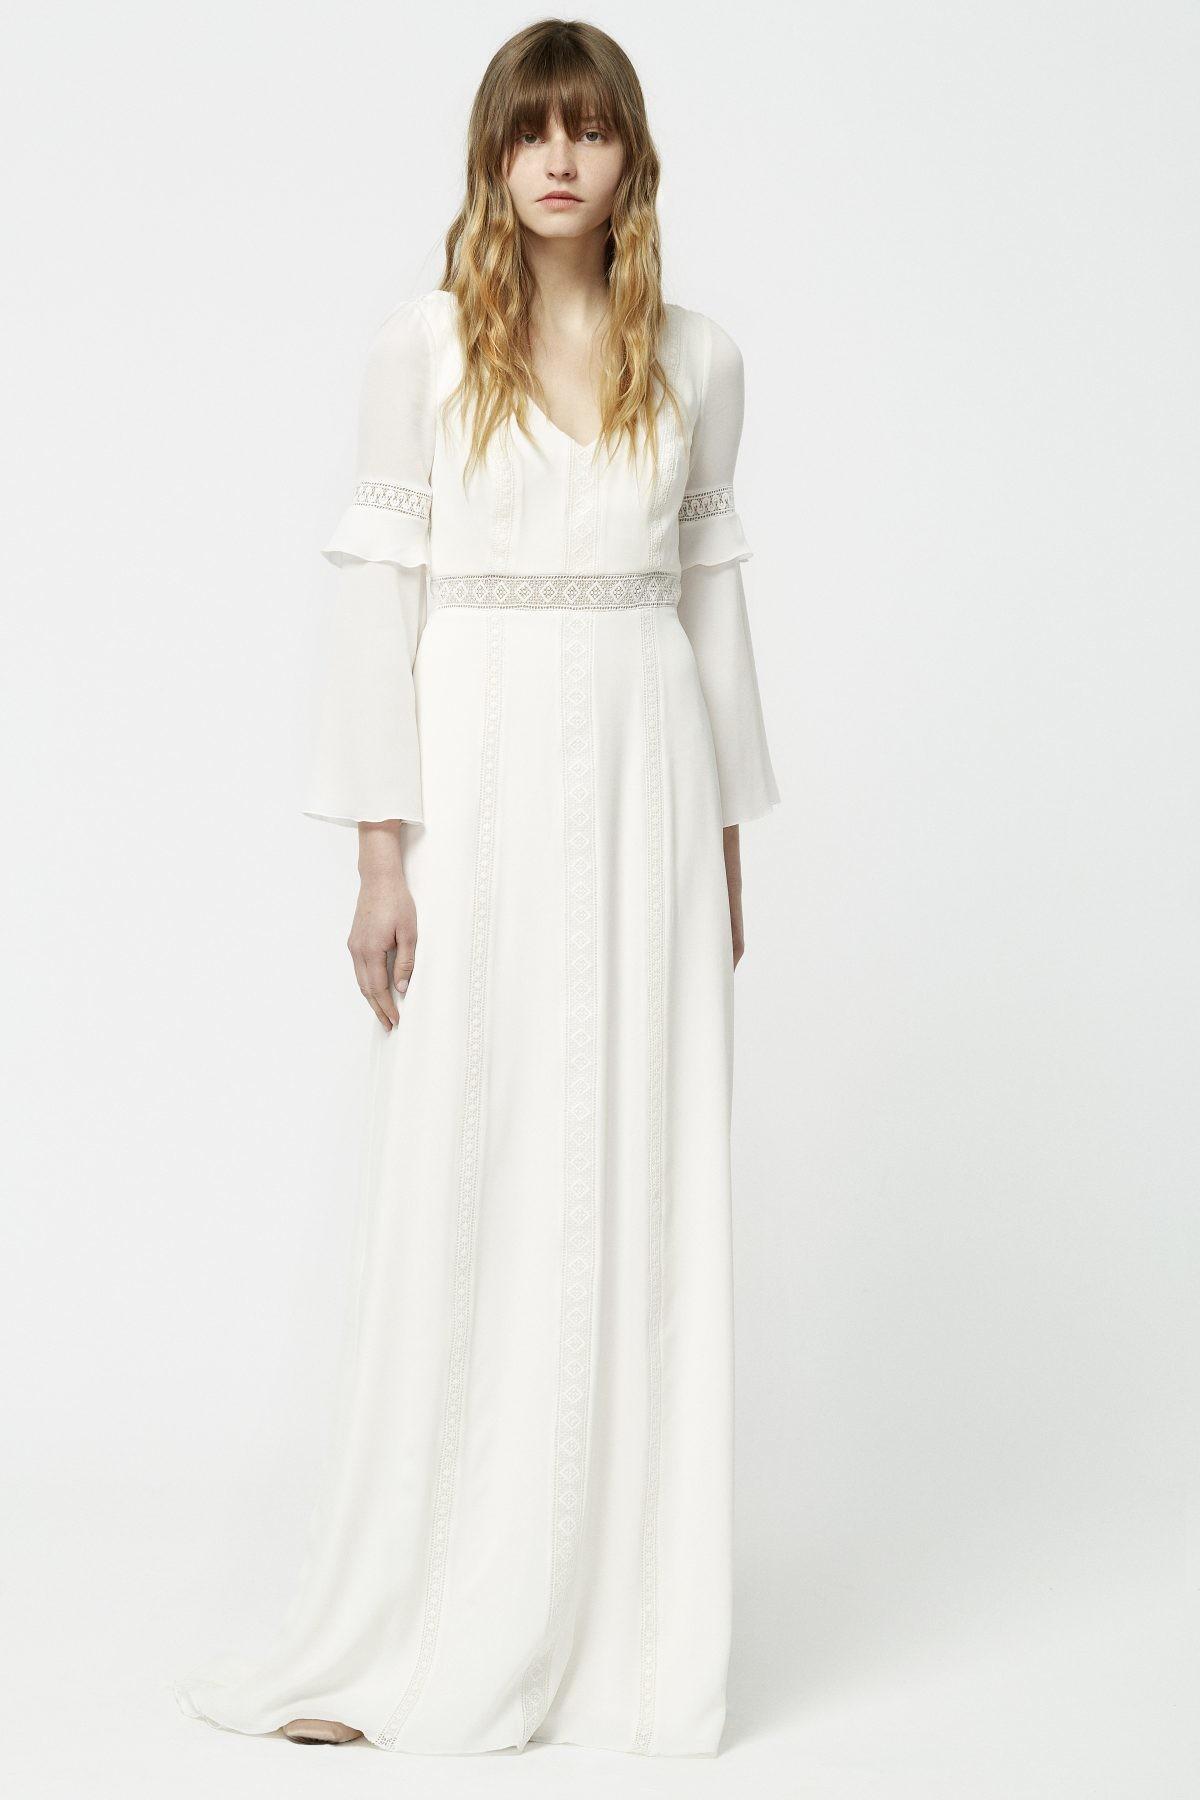 Vestidos de novia Otaduy